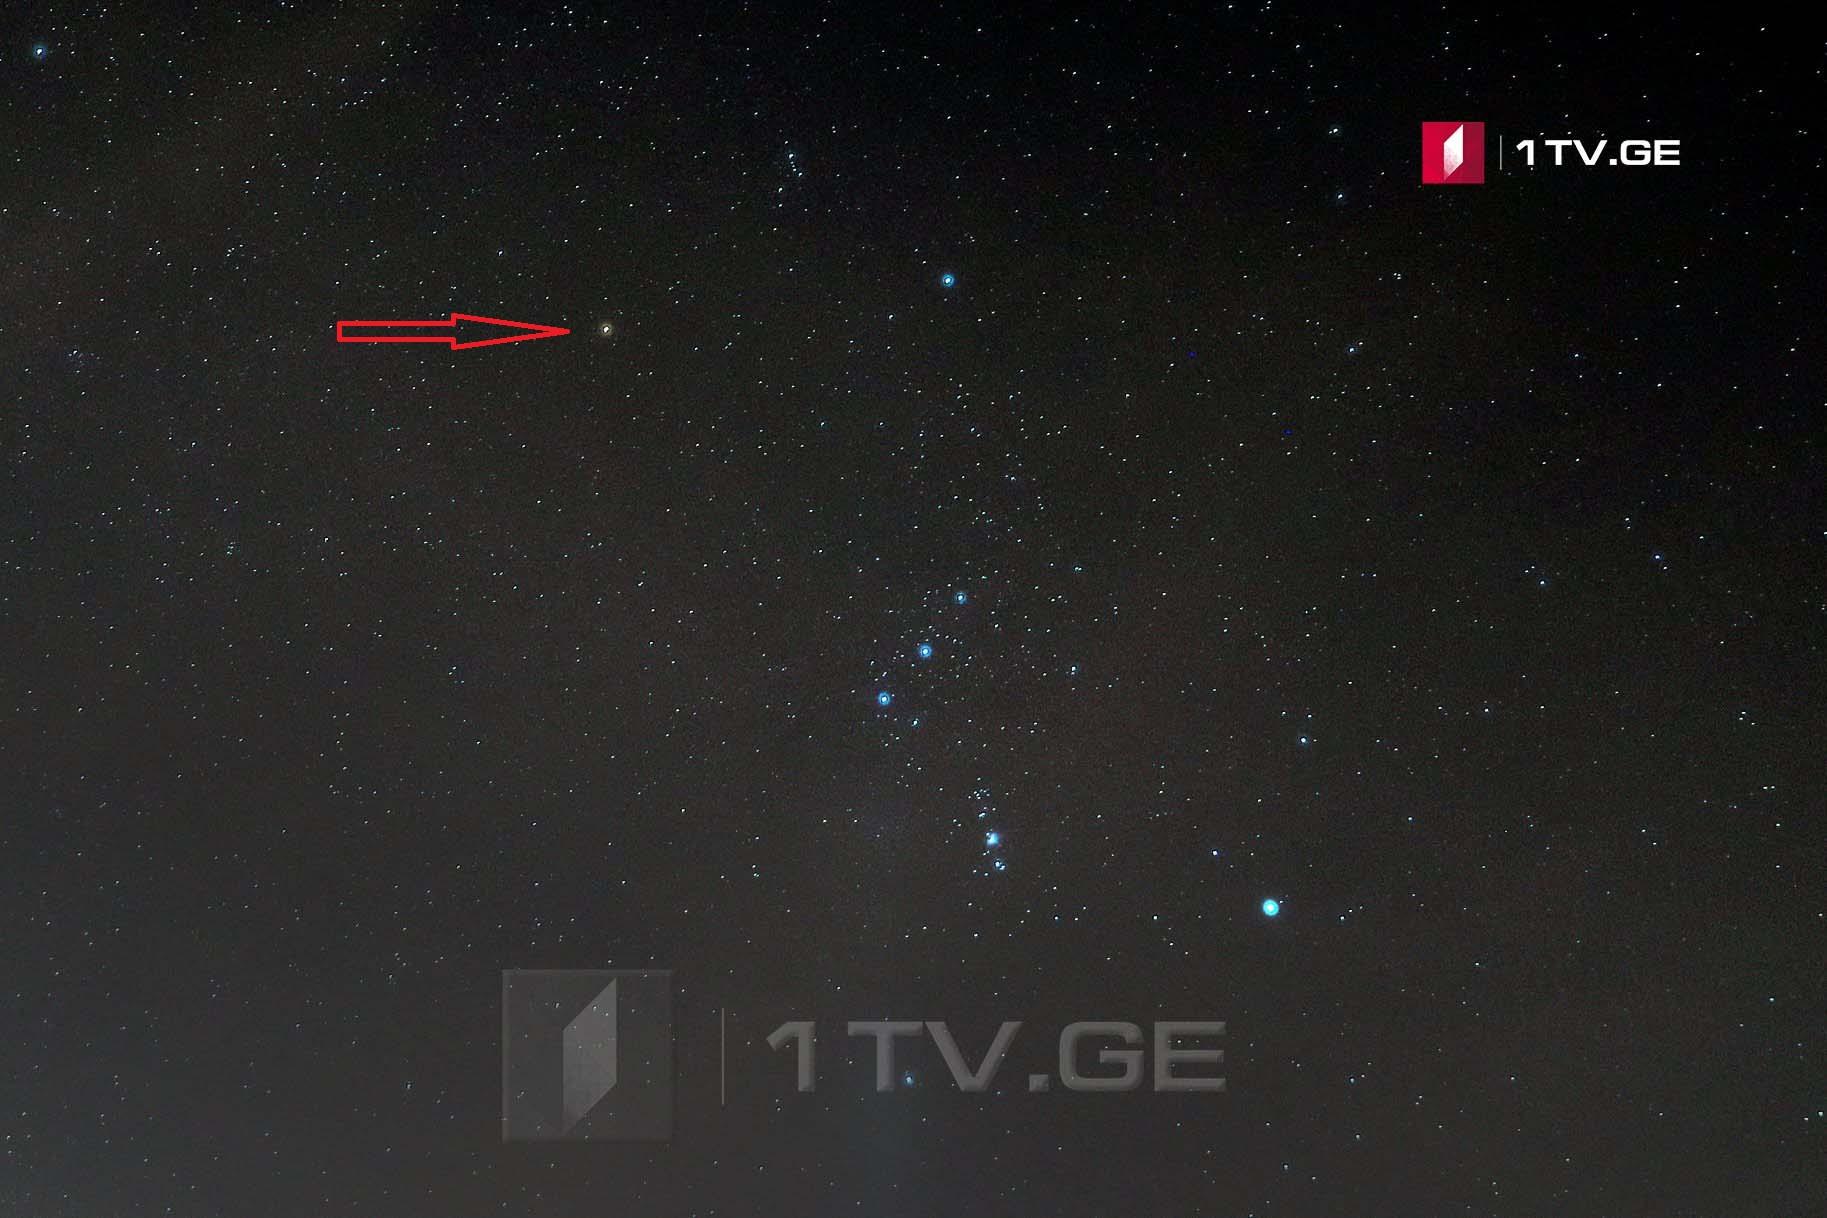 ბეთელგეიზე ირაკლი გედენიძის ასტროობიექტივში — ვარსკვლავი, რომელიც შეიძლება აფეთქდეს